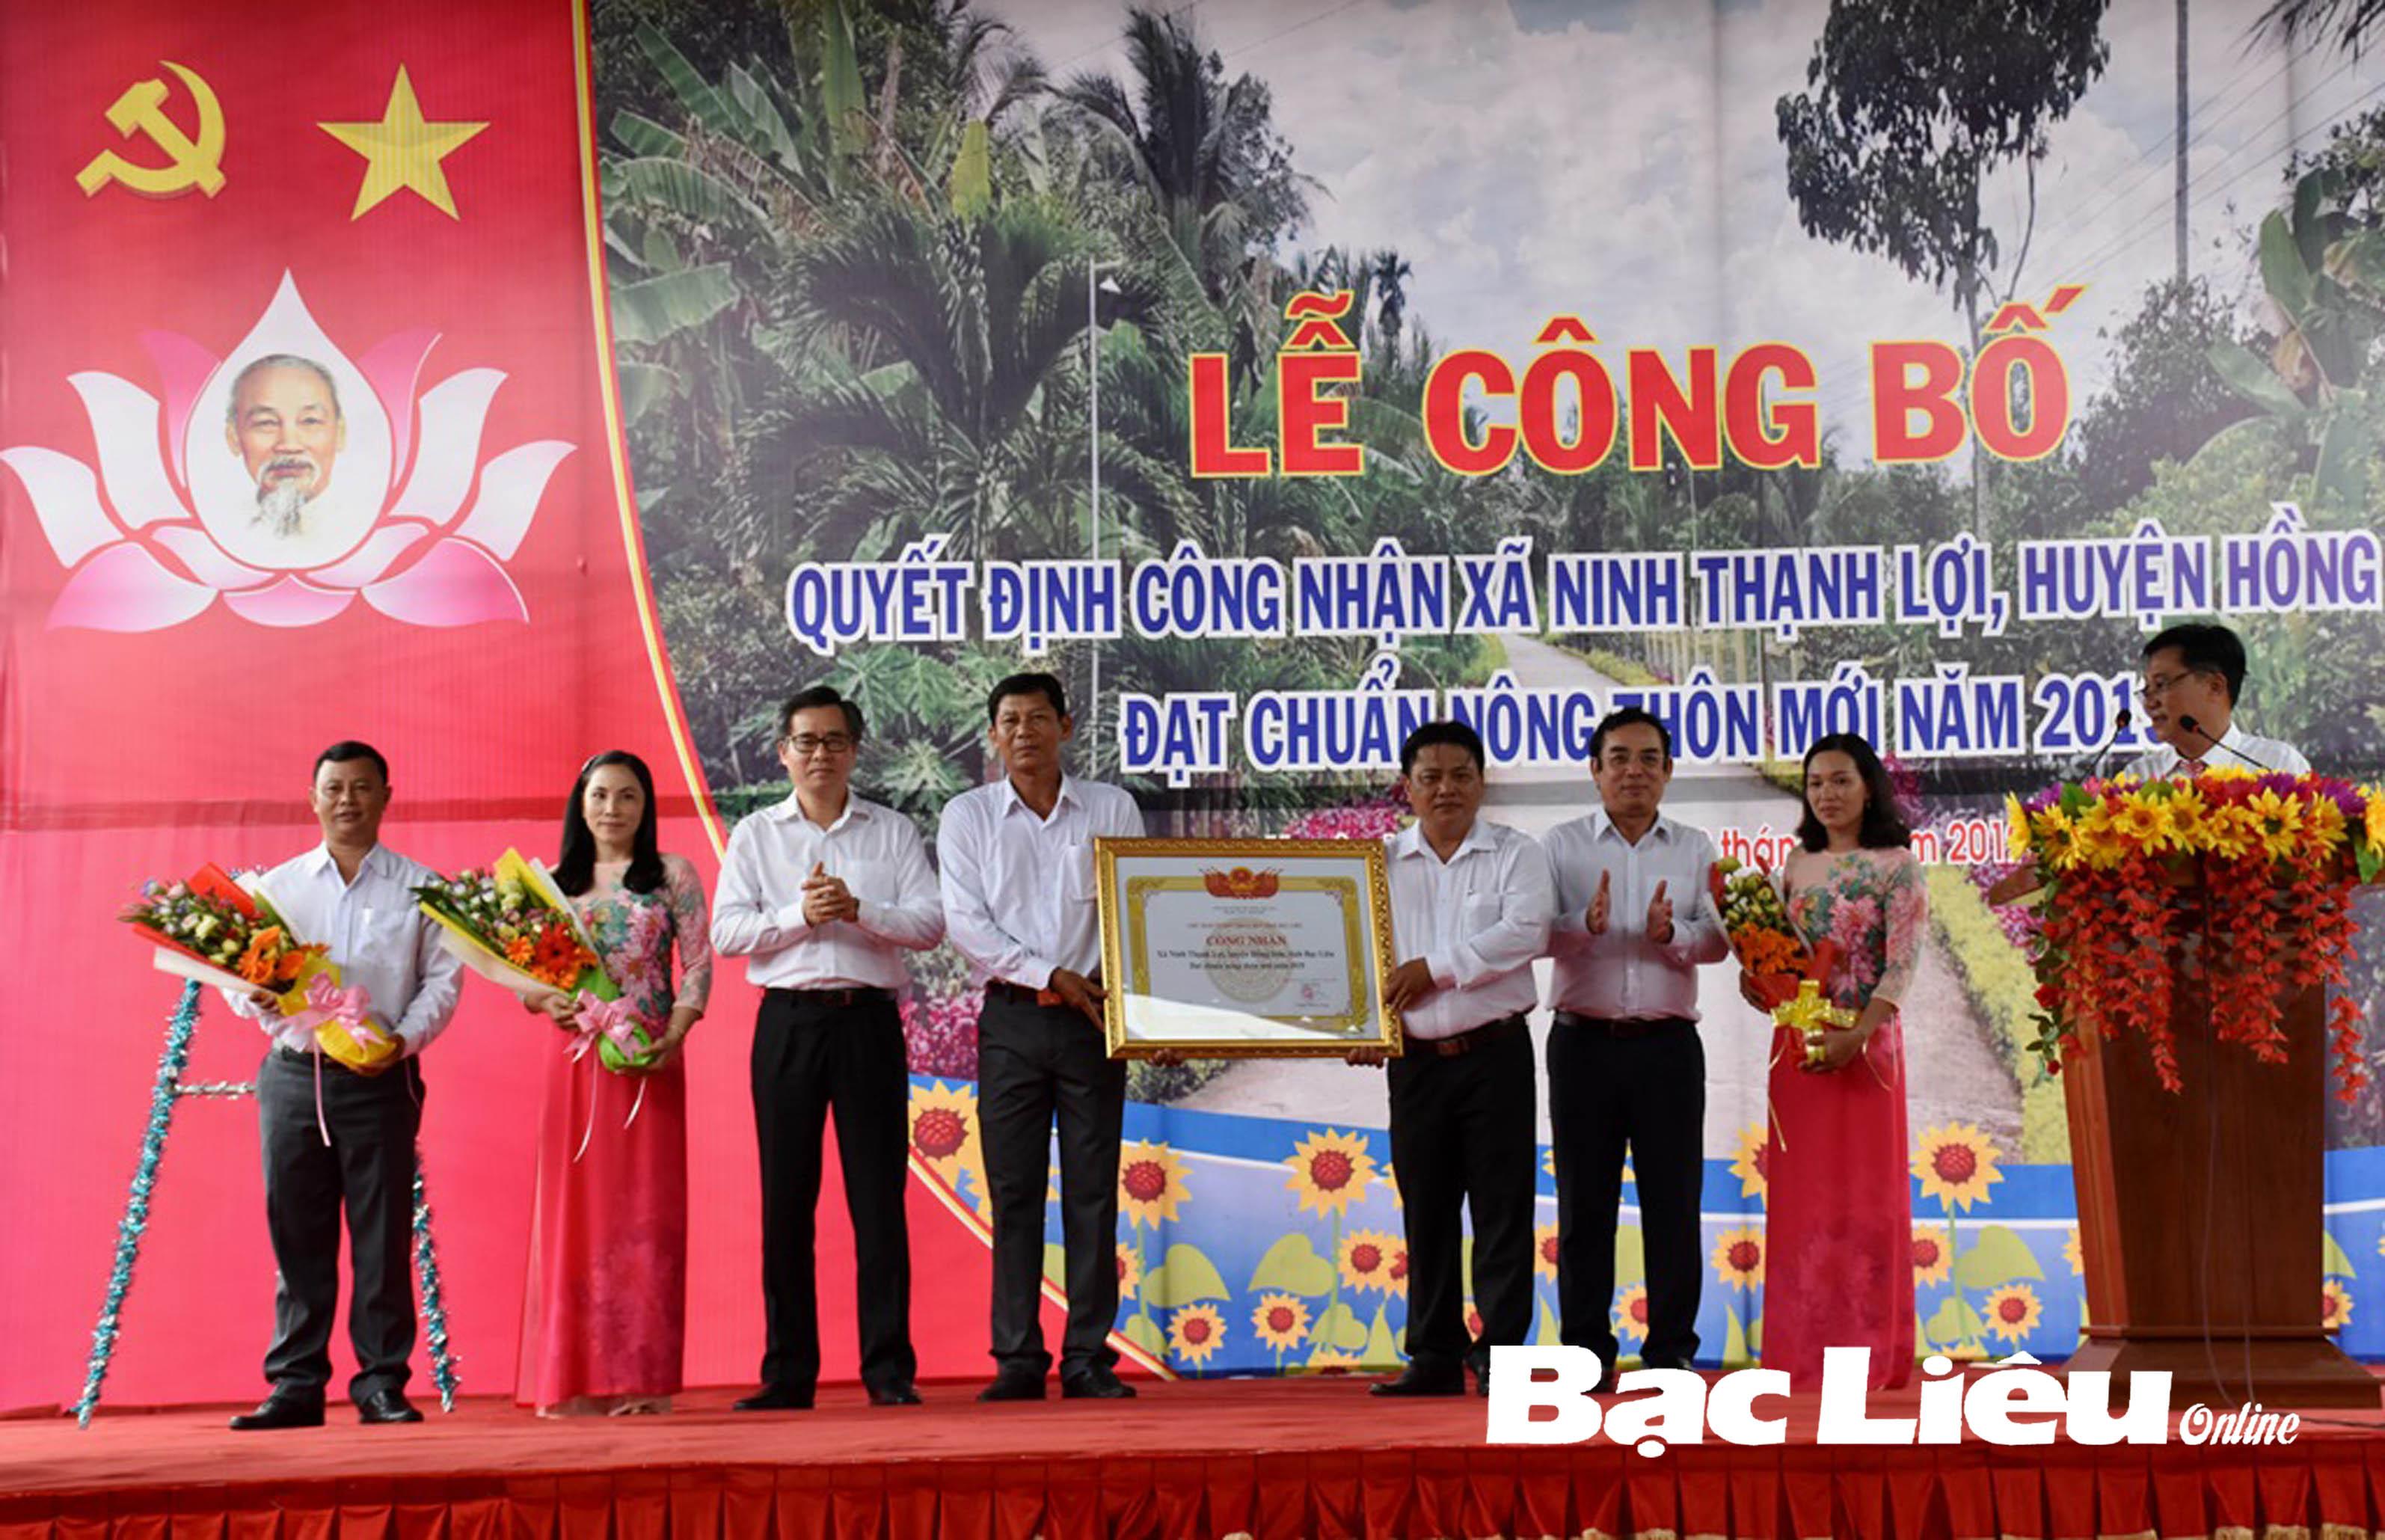 Huyện Hồng Dân: Thành công với khát vọng đột phá